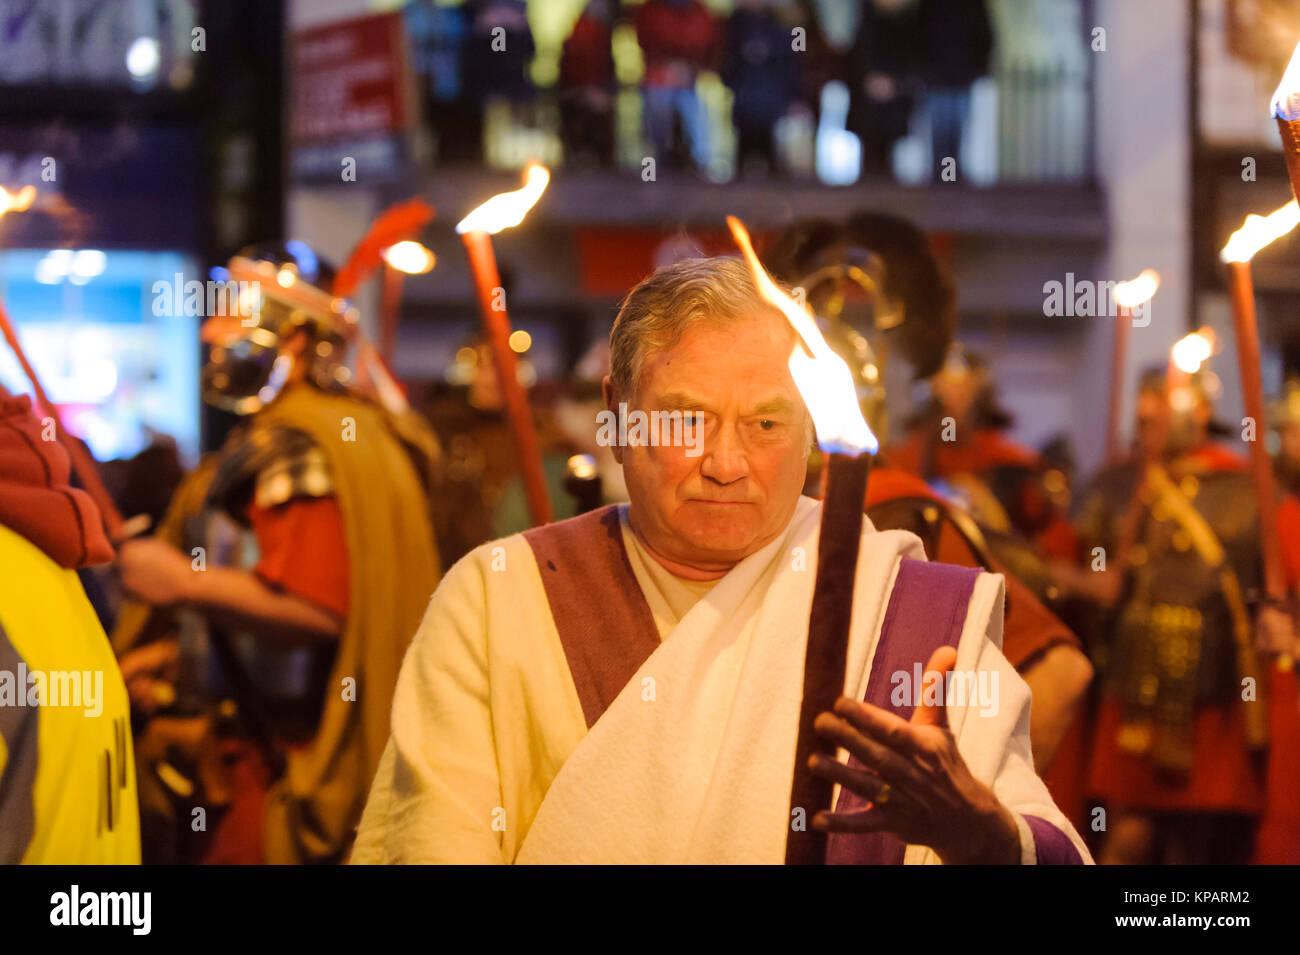 Antike Römische Feste Stockfotos & Antike Römische Feste Bilder - Alamy